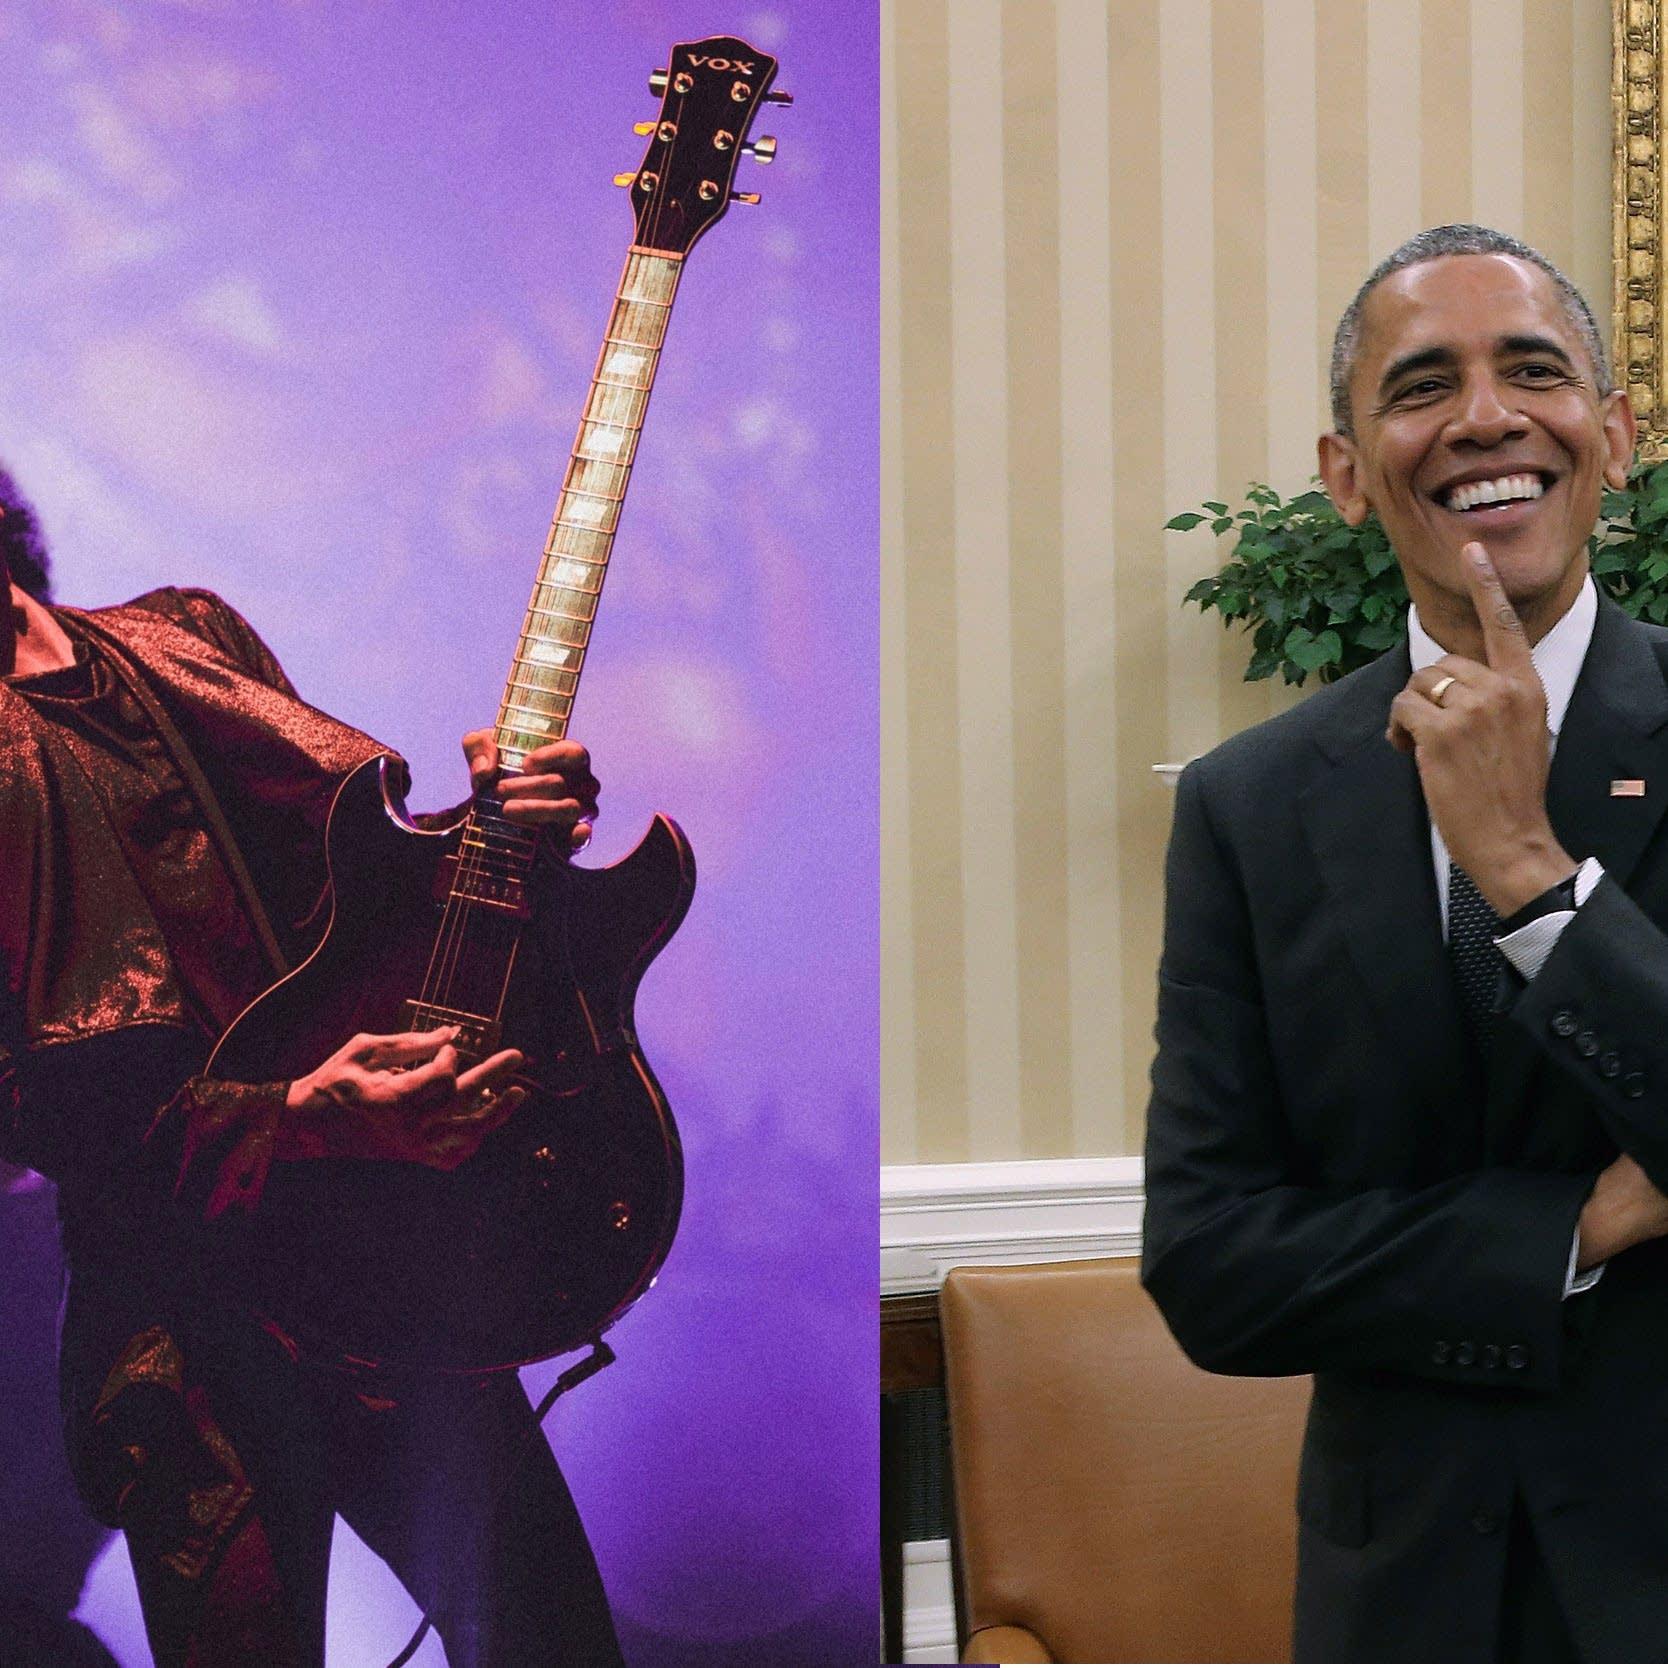 Prince and Barack Obama